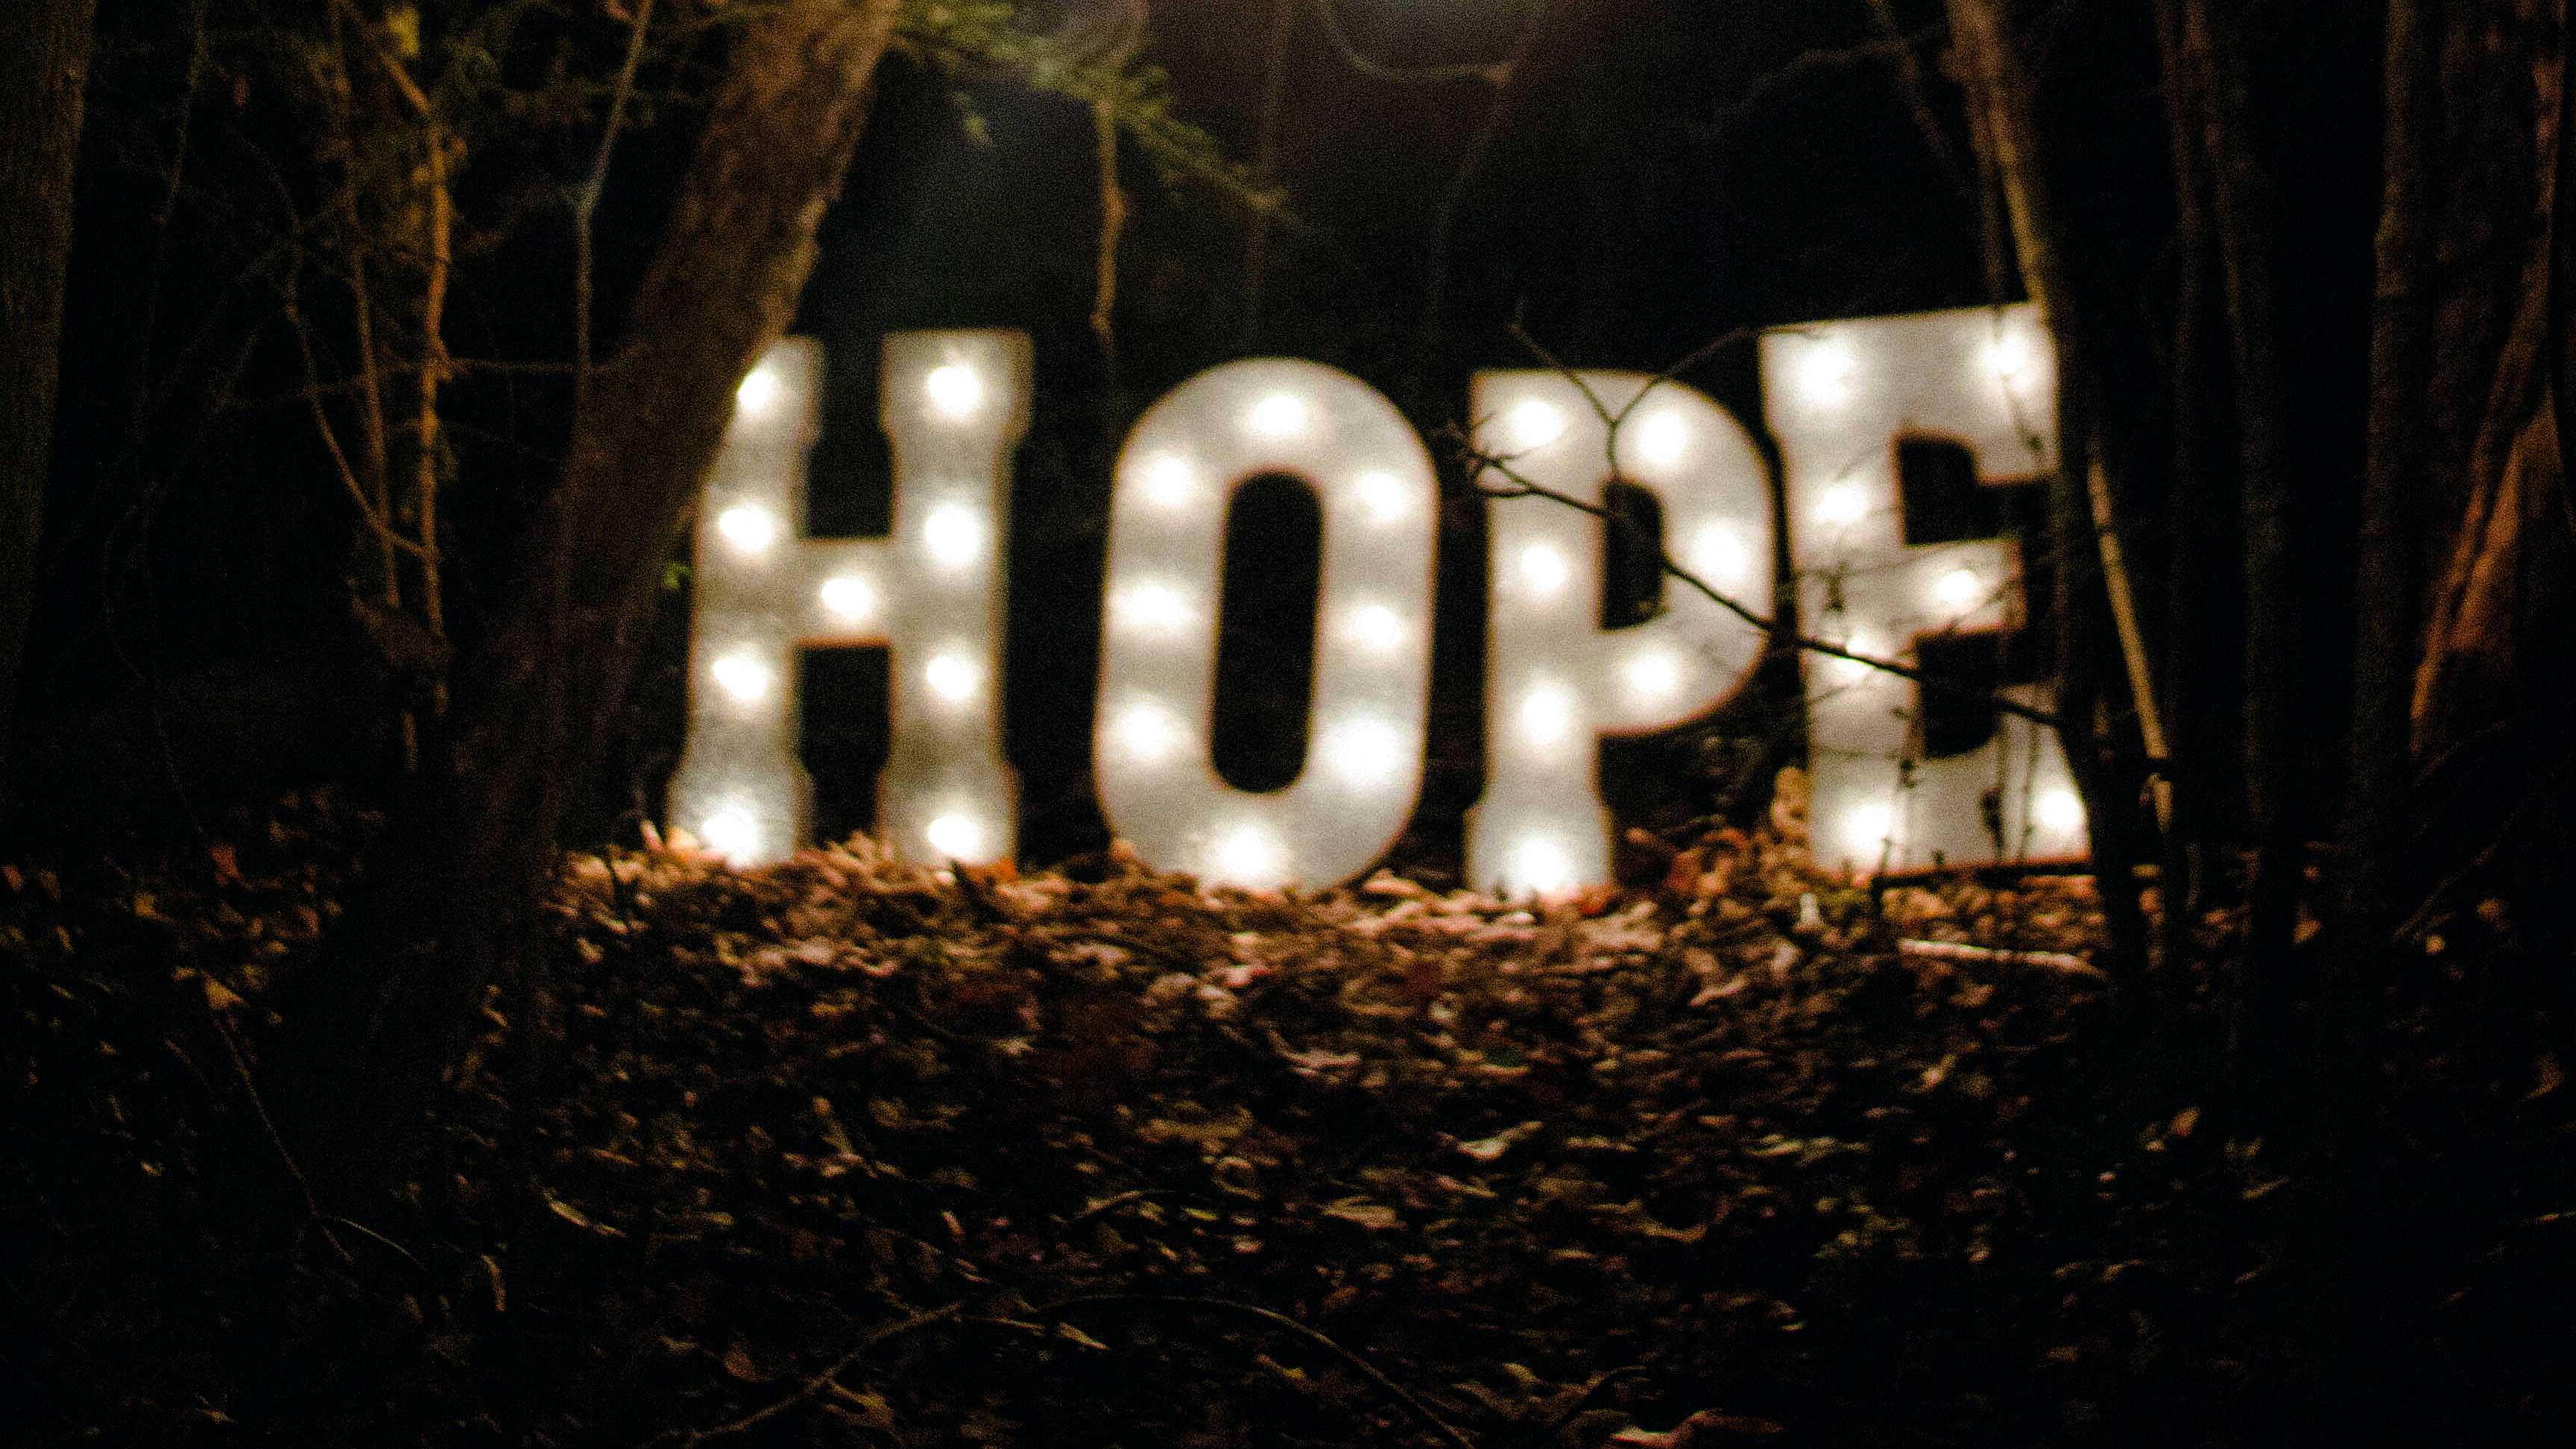 «Hoffnung» leuchtet in der Dunkelheit